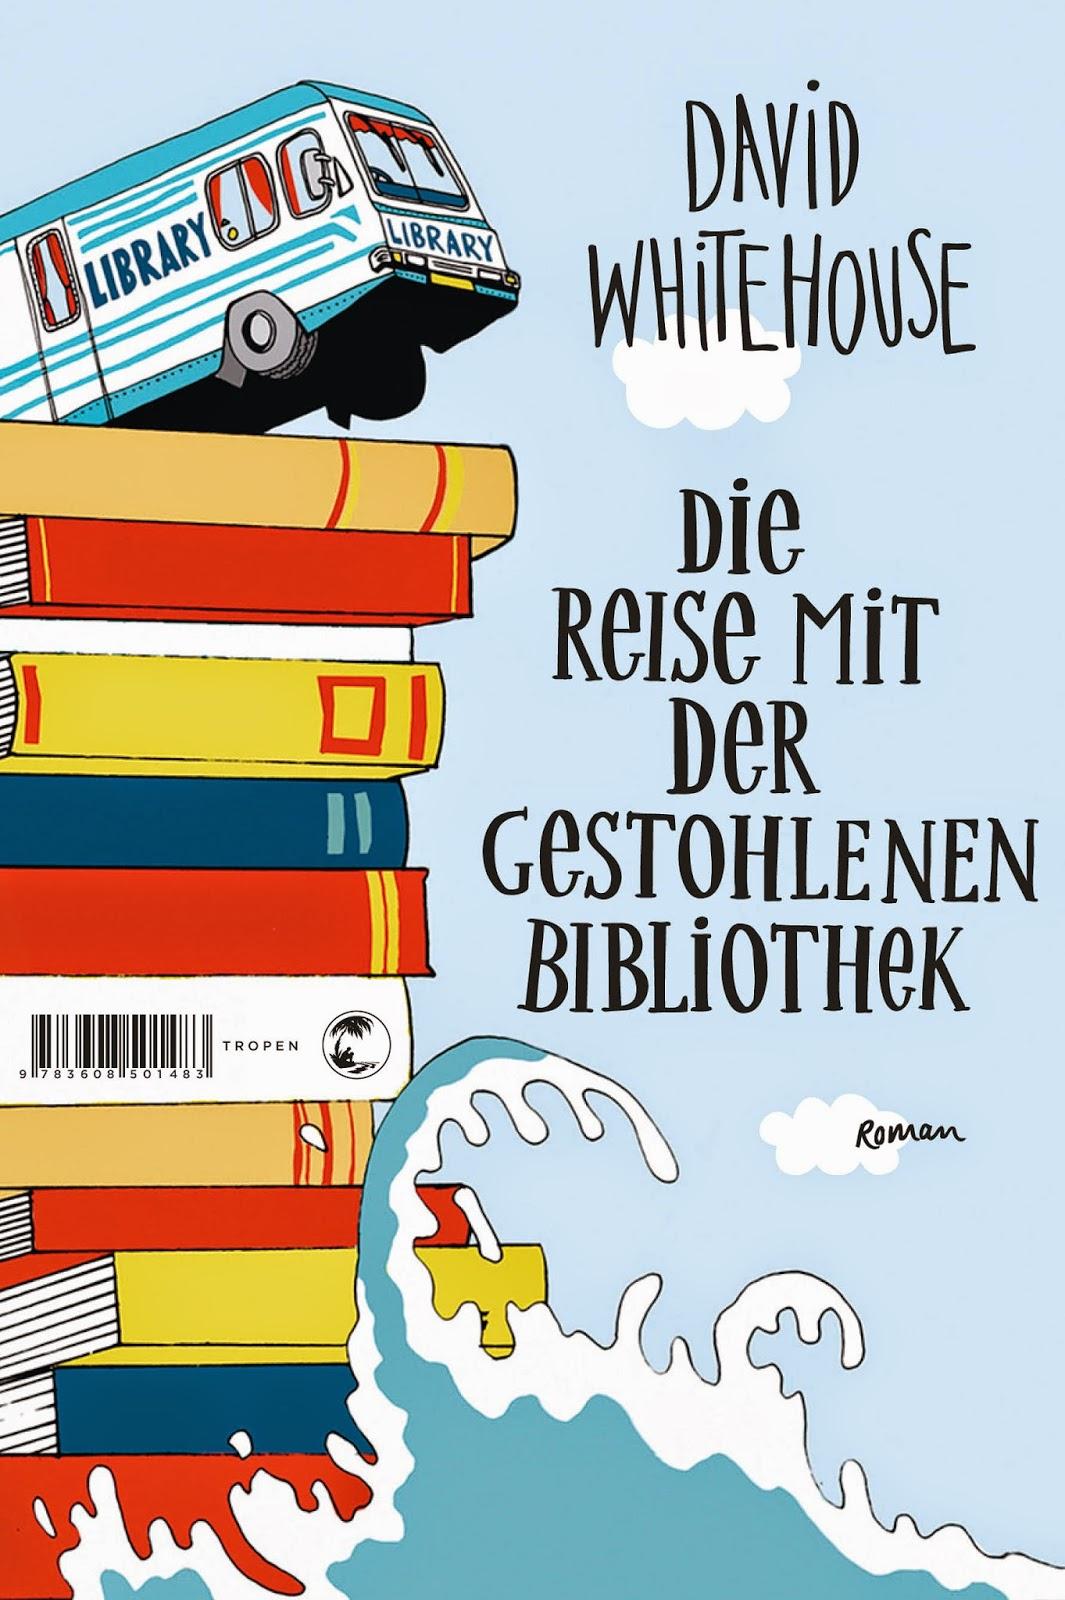 http://www.amazon.de/Die-Reise-mit-gestohlenen-Bibliothek/dp/3608501487/ref=sr_1_1_twi_1_har?ie=UTF8&qid=1426950101&sr=8-1&keywords=die+reise+mit+der+gestohlenen+bibliothek